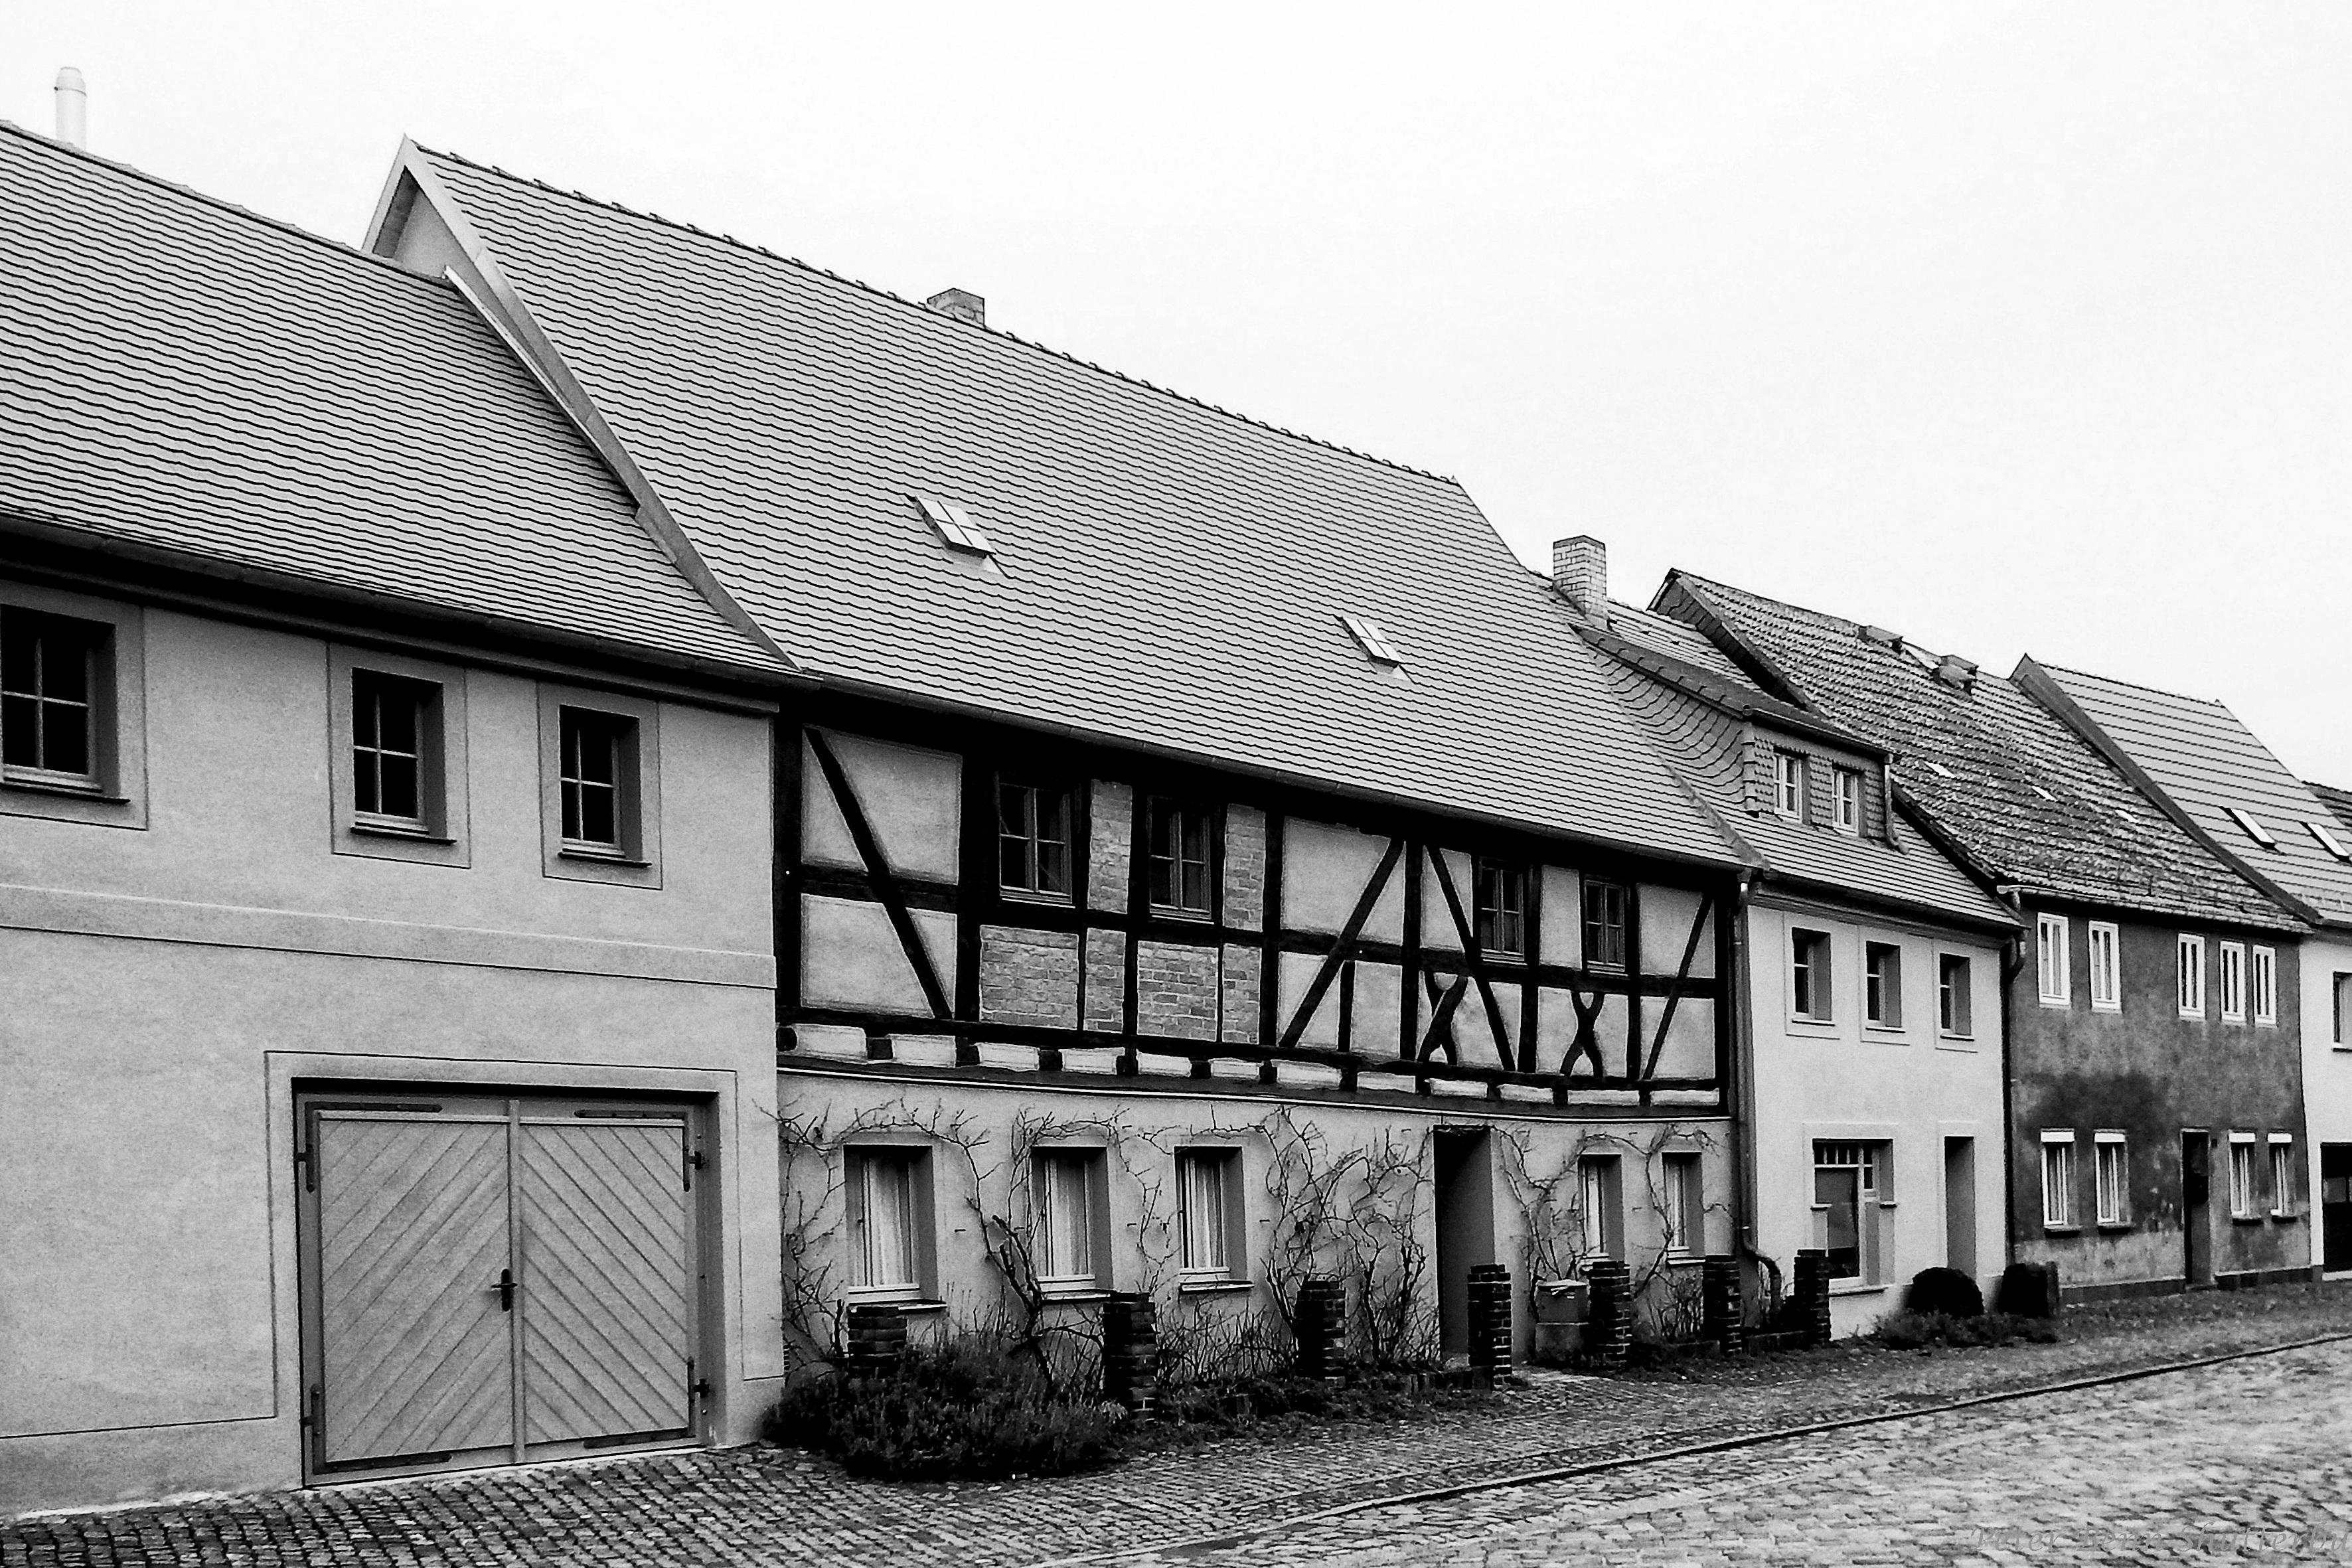 Fotos gratis : en blanco y negro, arquitectura, casa, edificio, bar ...